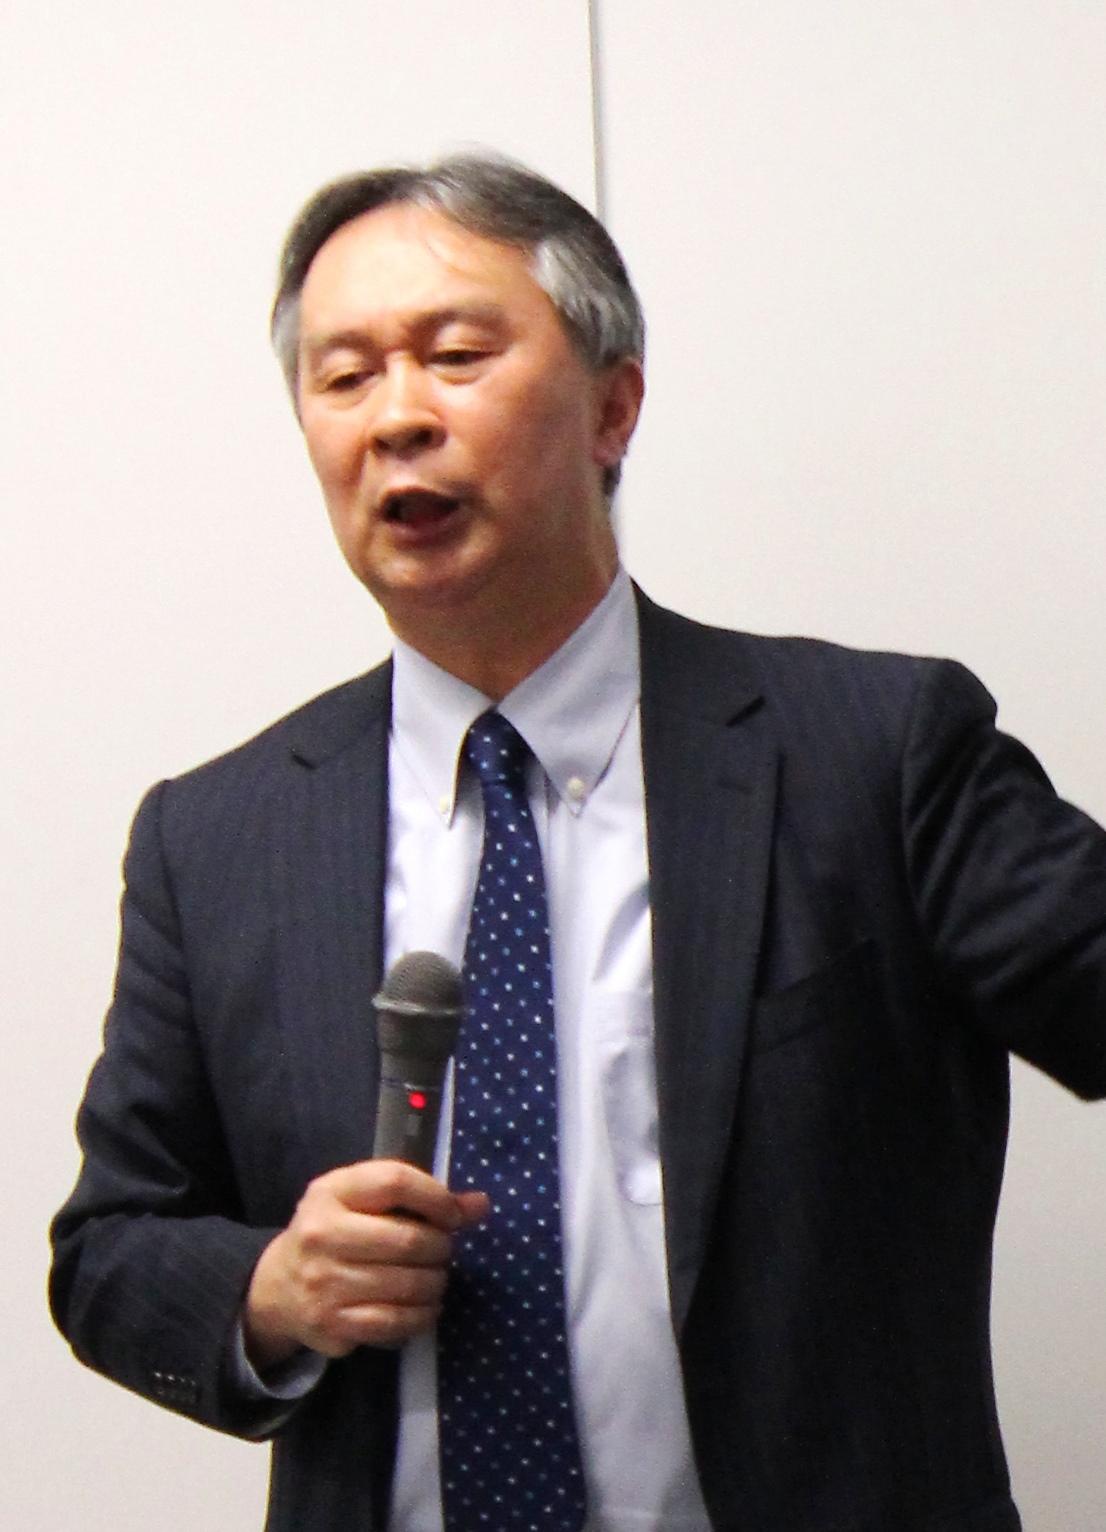 「勝つための戦略的な人材活用セミナー」5社の取り組みを一挙紹介 [PR]